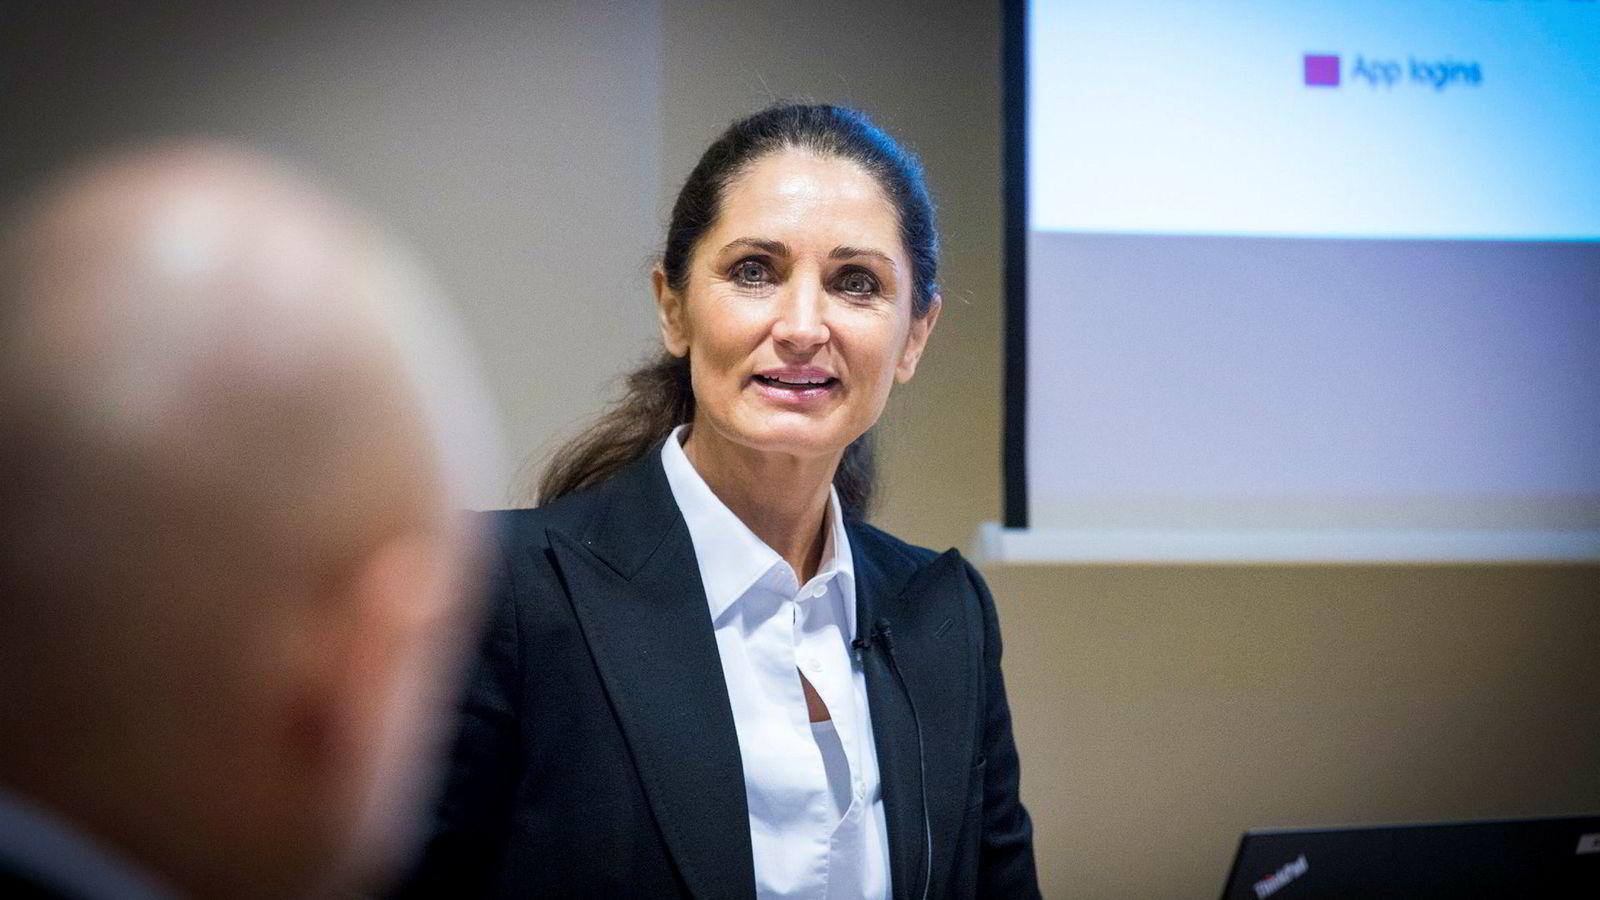 Administrerende direktør Tine Wollebekk i Bank Norwegian. En av selskapets største aksjonærer har ønsket å få til en dobbeltnotering av forbrukslånsbanken, men dette er nå nedstemt.